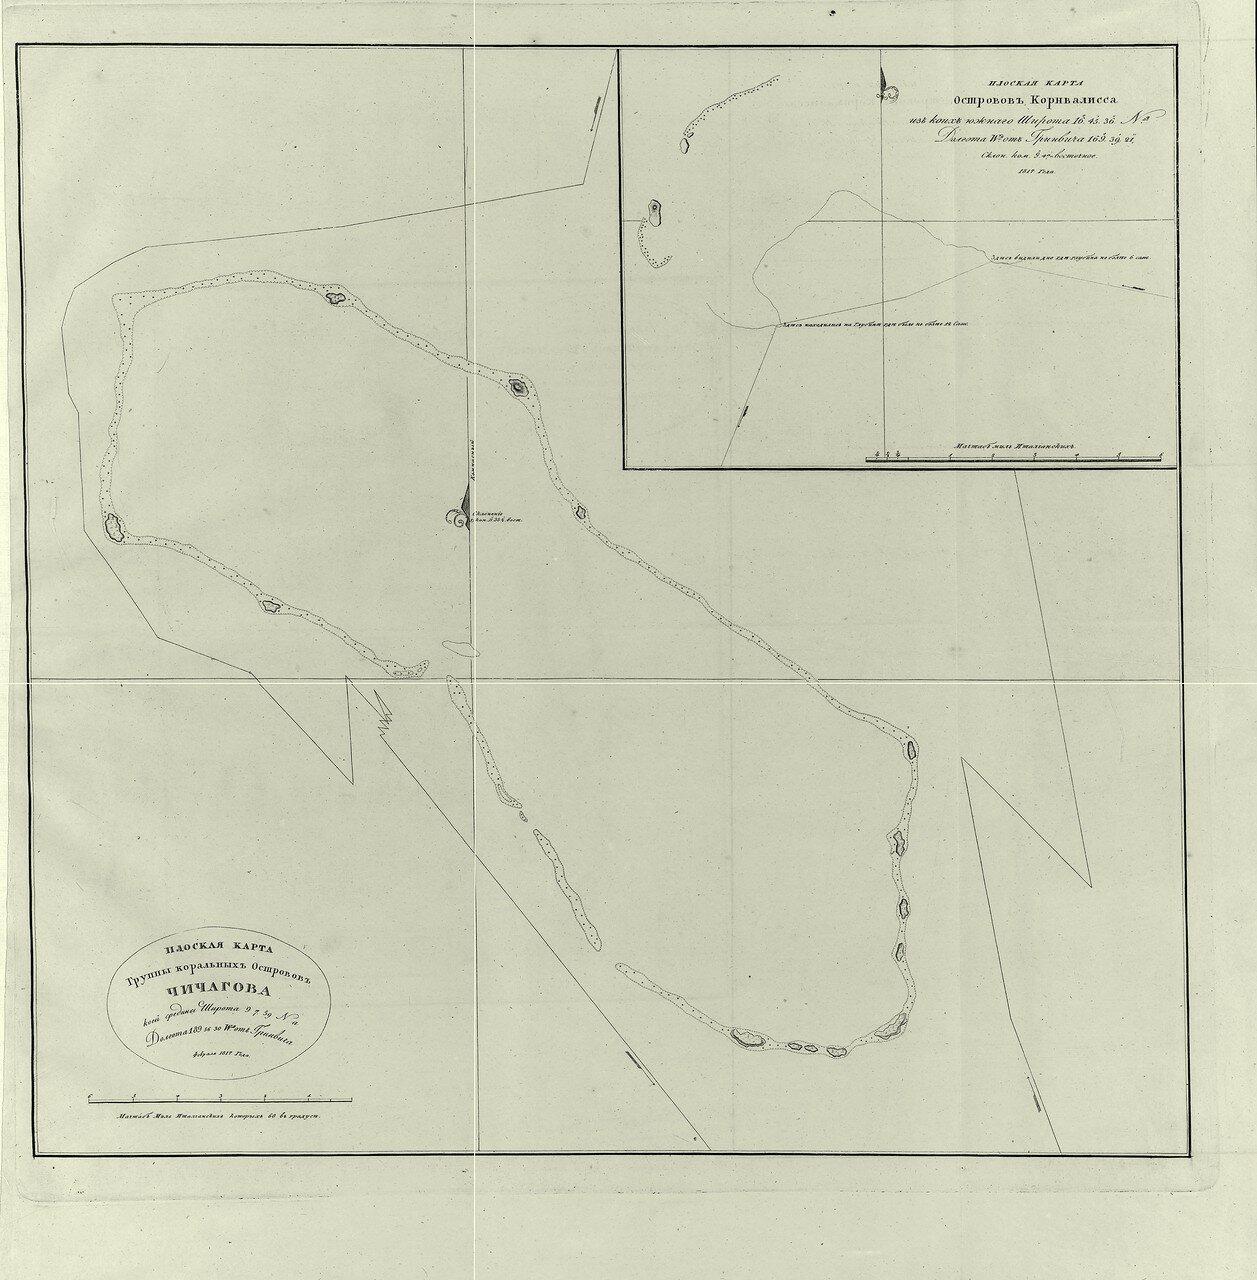 17. Плоская карта группы коральных островов Чичагова. Февраля 1817 года